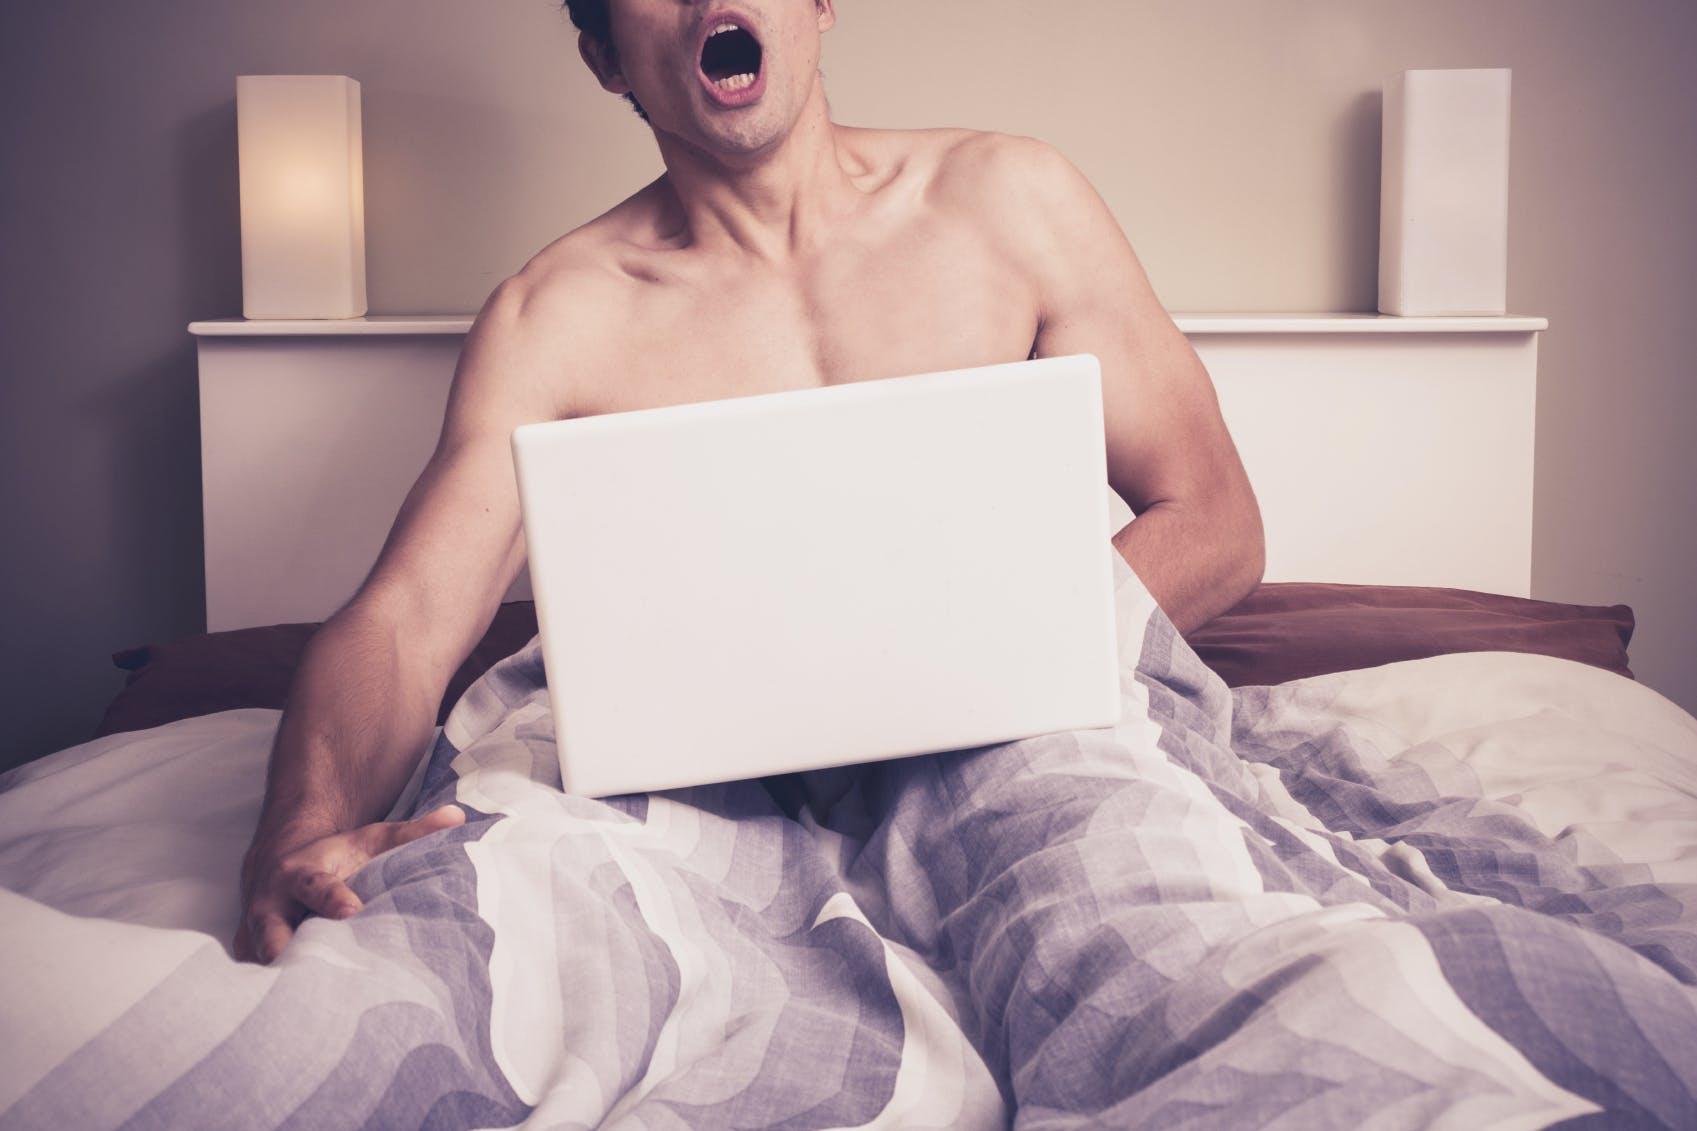 hvad tænder kvinder på i sengen sexi piger